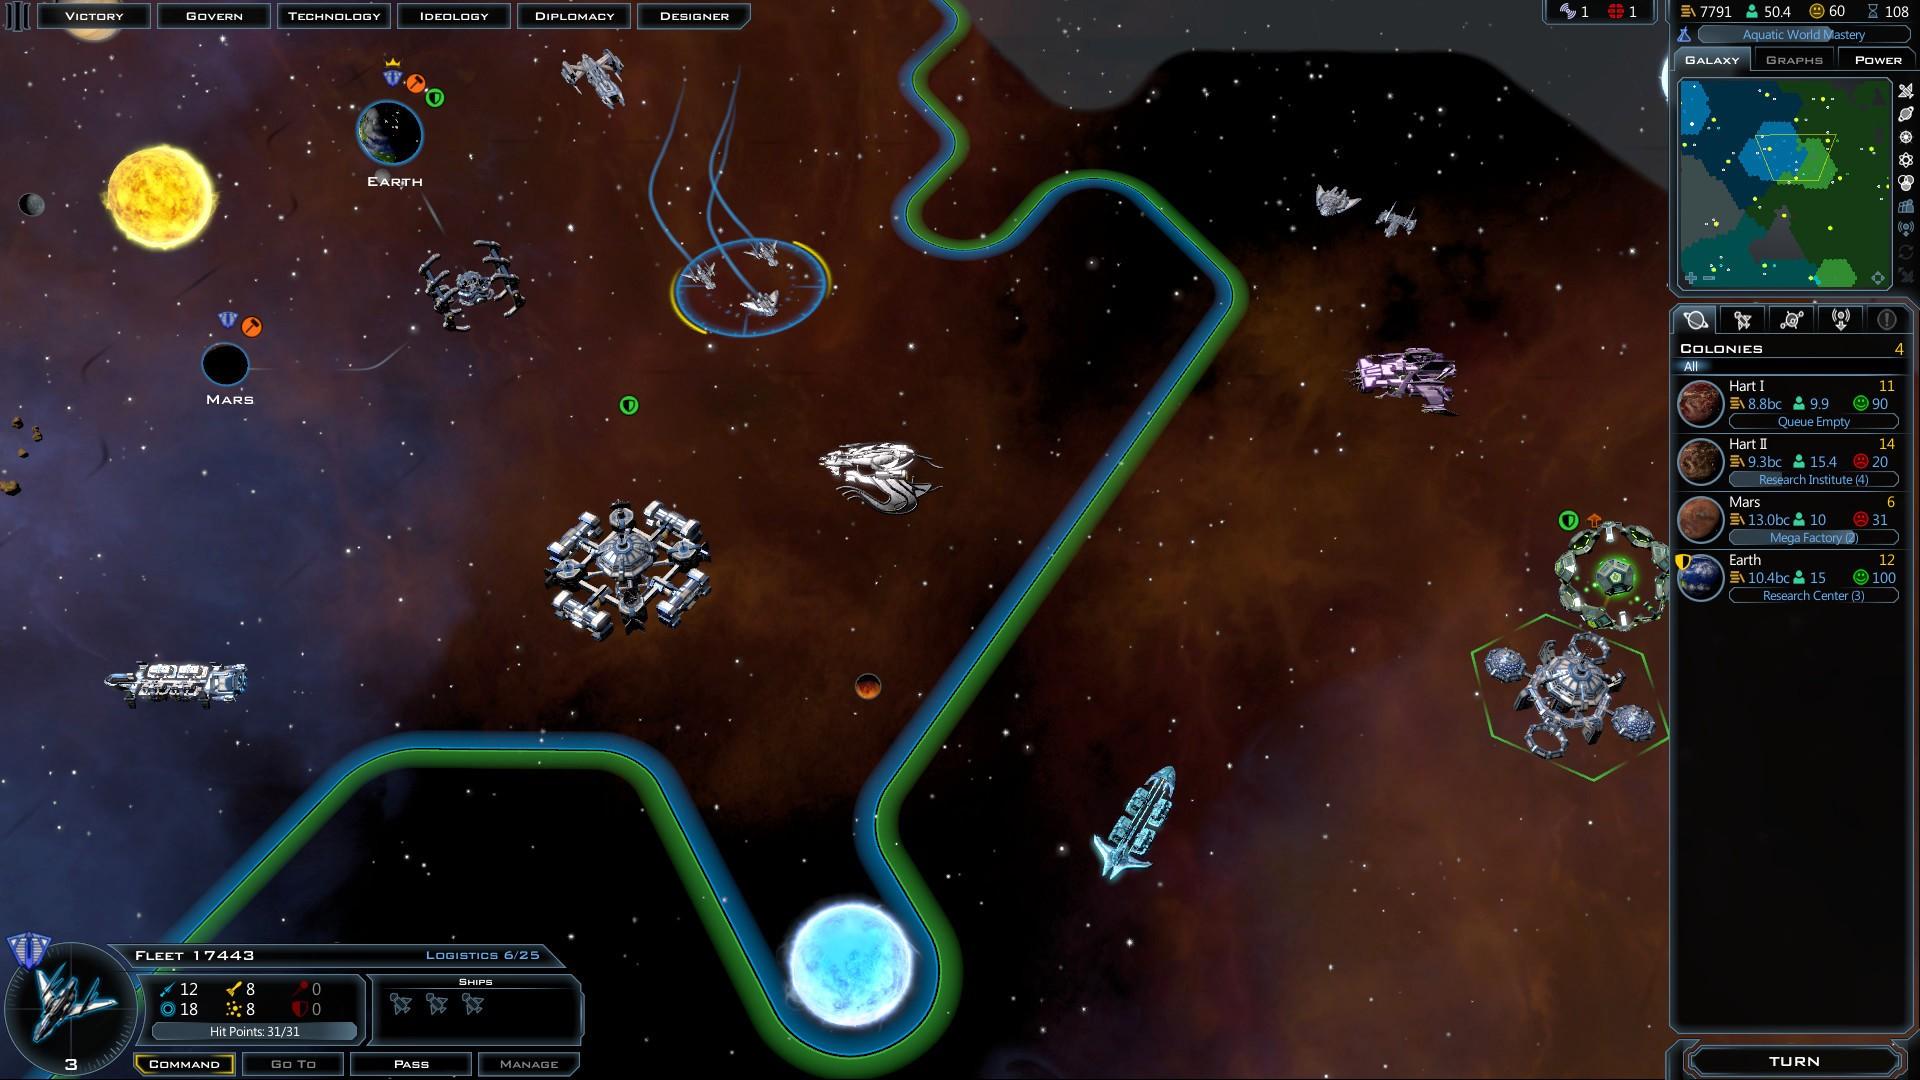 Galactic Civilizations 3 Startet Nicht